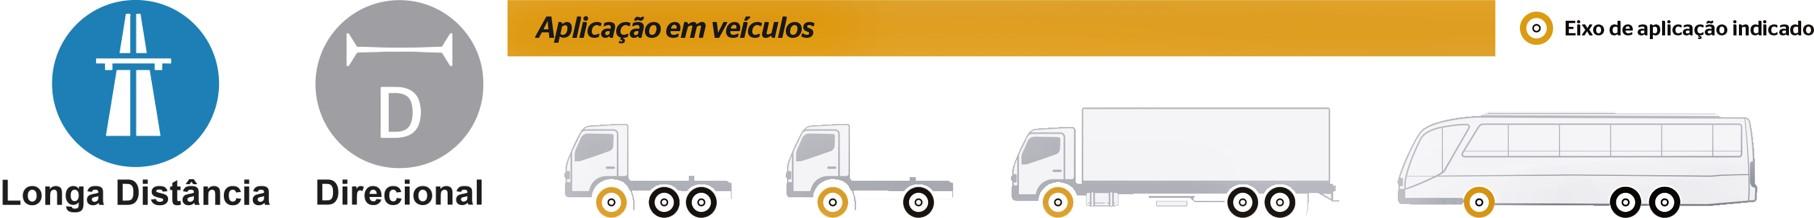 HSL2+ Eco Plus: Pneu Liso Longa Distância| Continental Pneus (Ícones com categorias de uso)